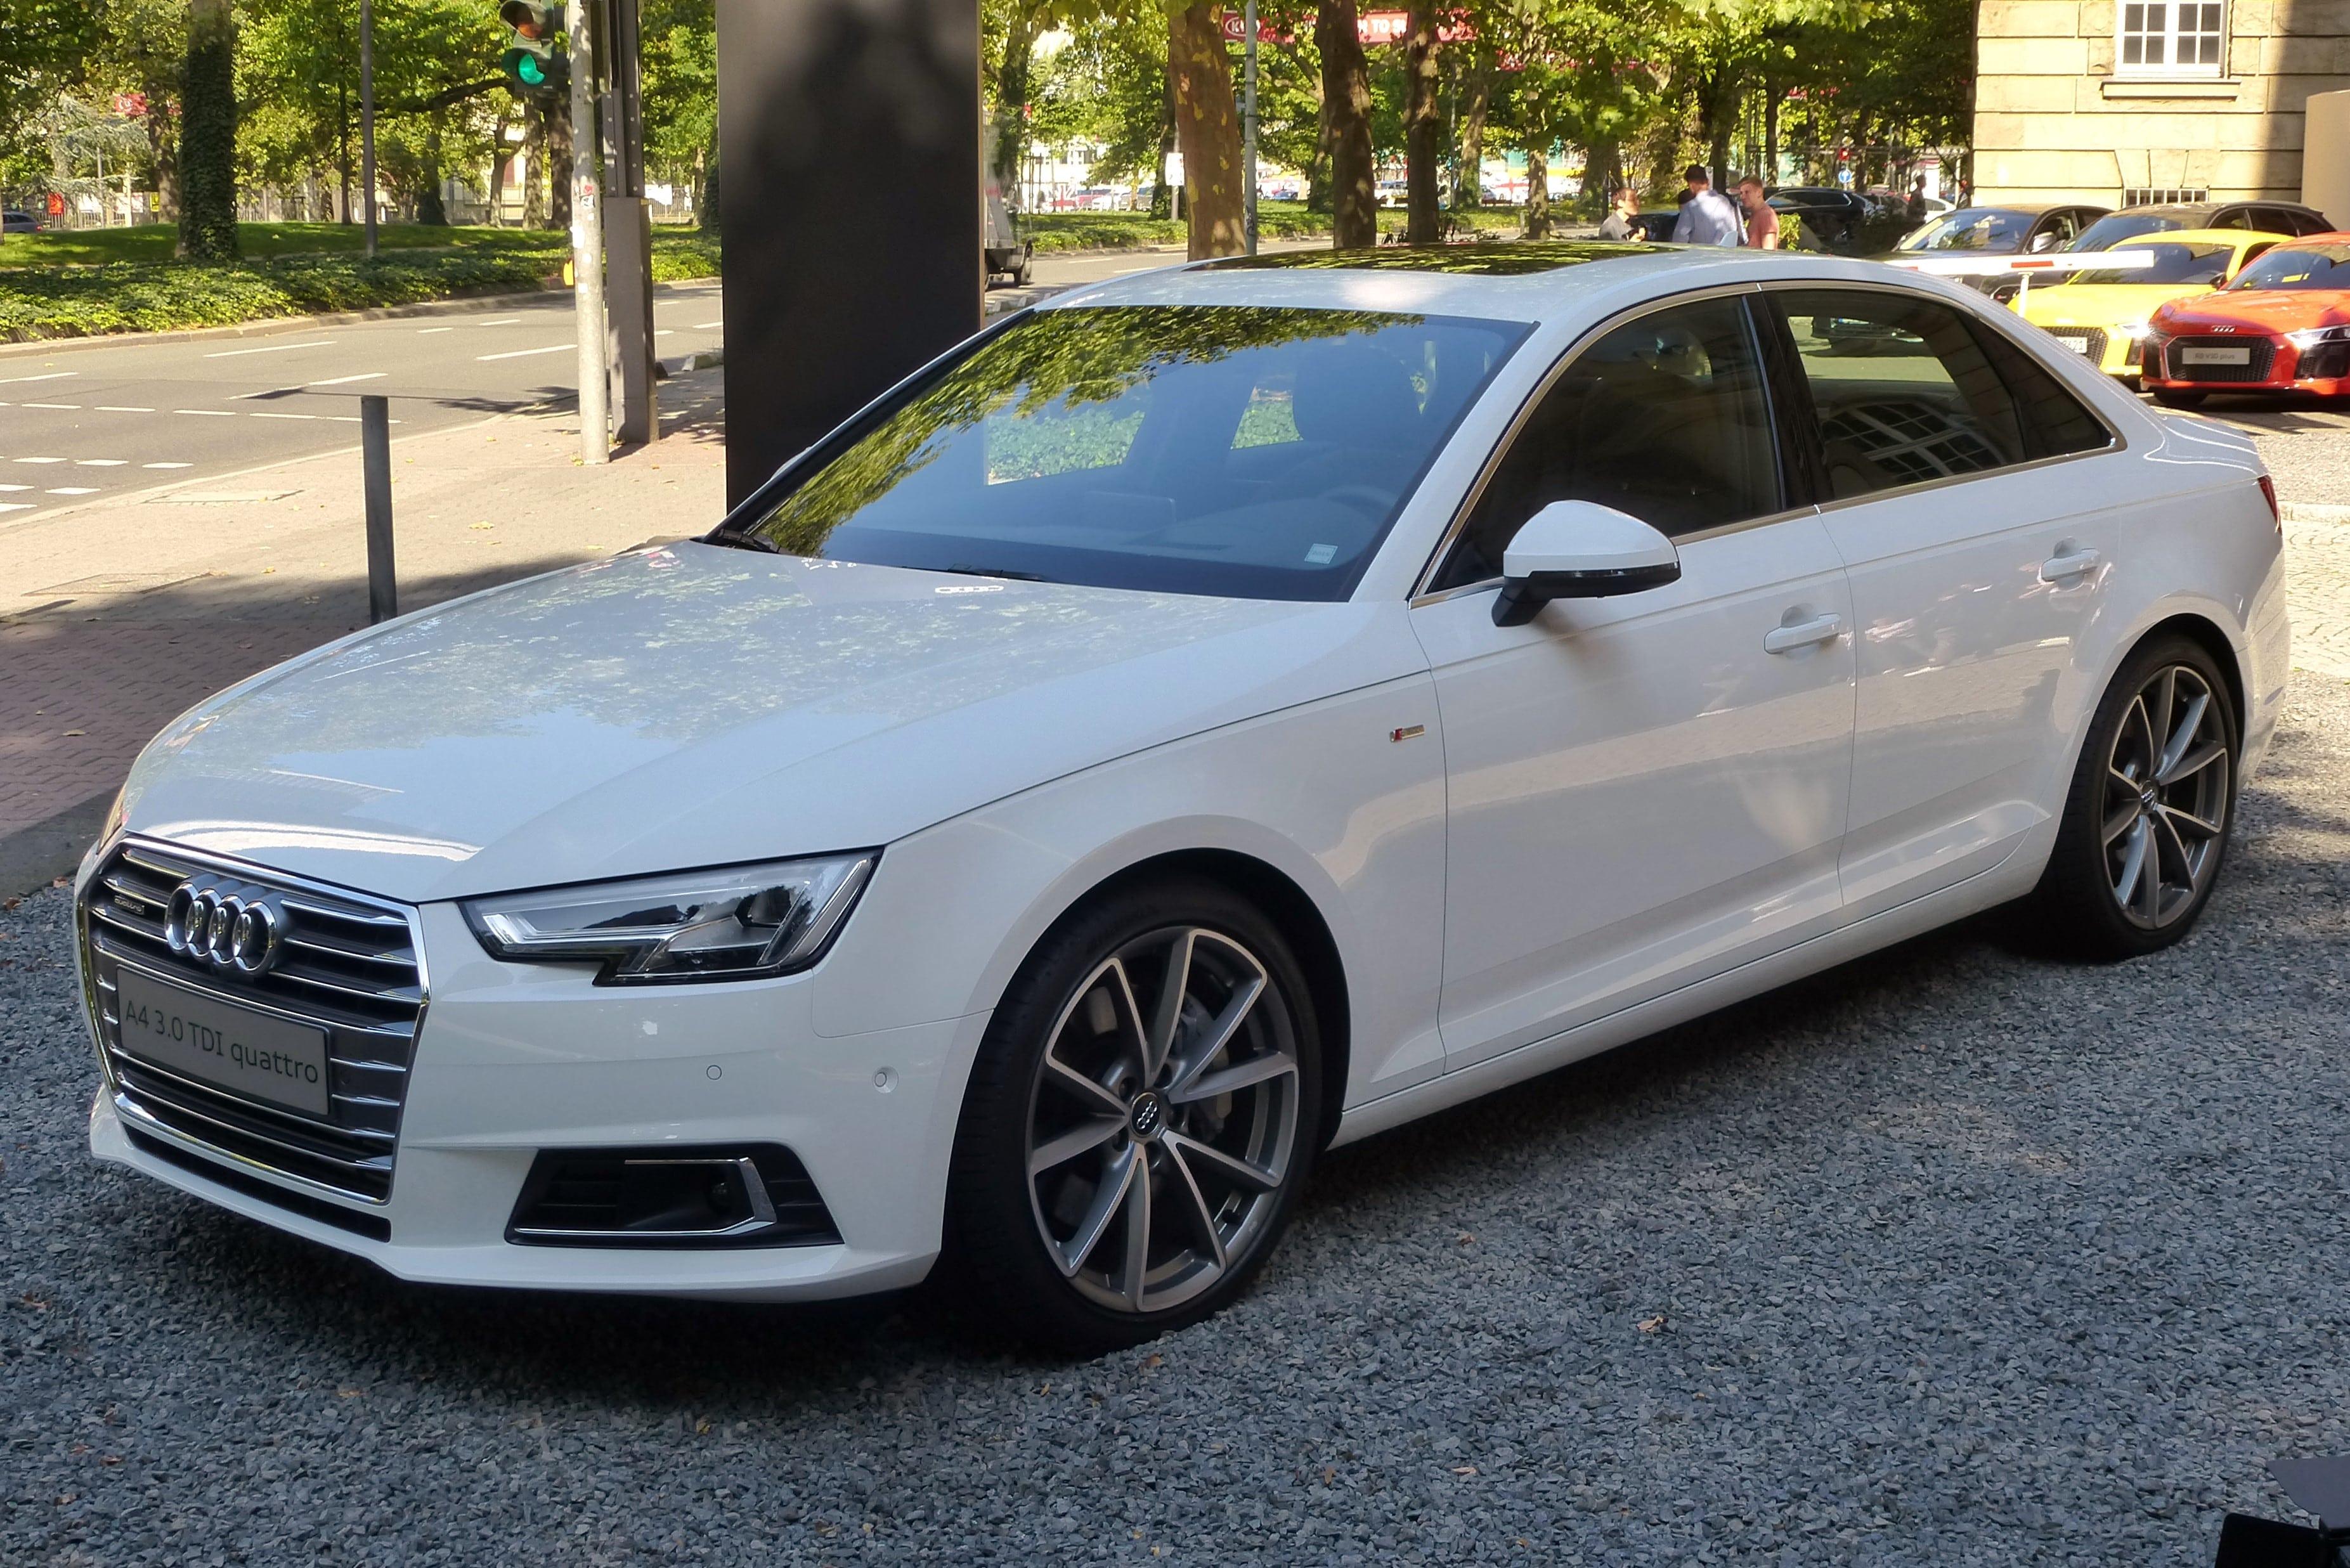 Audi A4 B9 Hd Wallpapers 7wallpapersnet